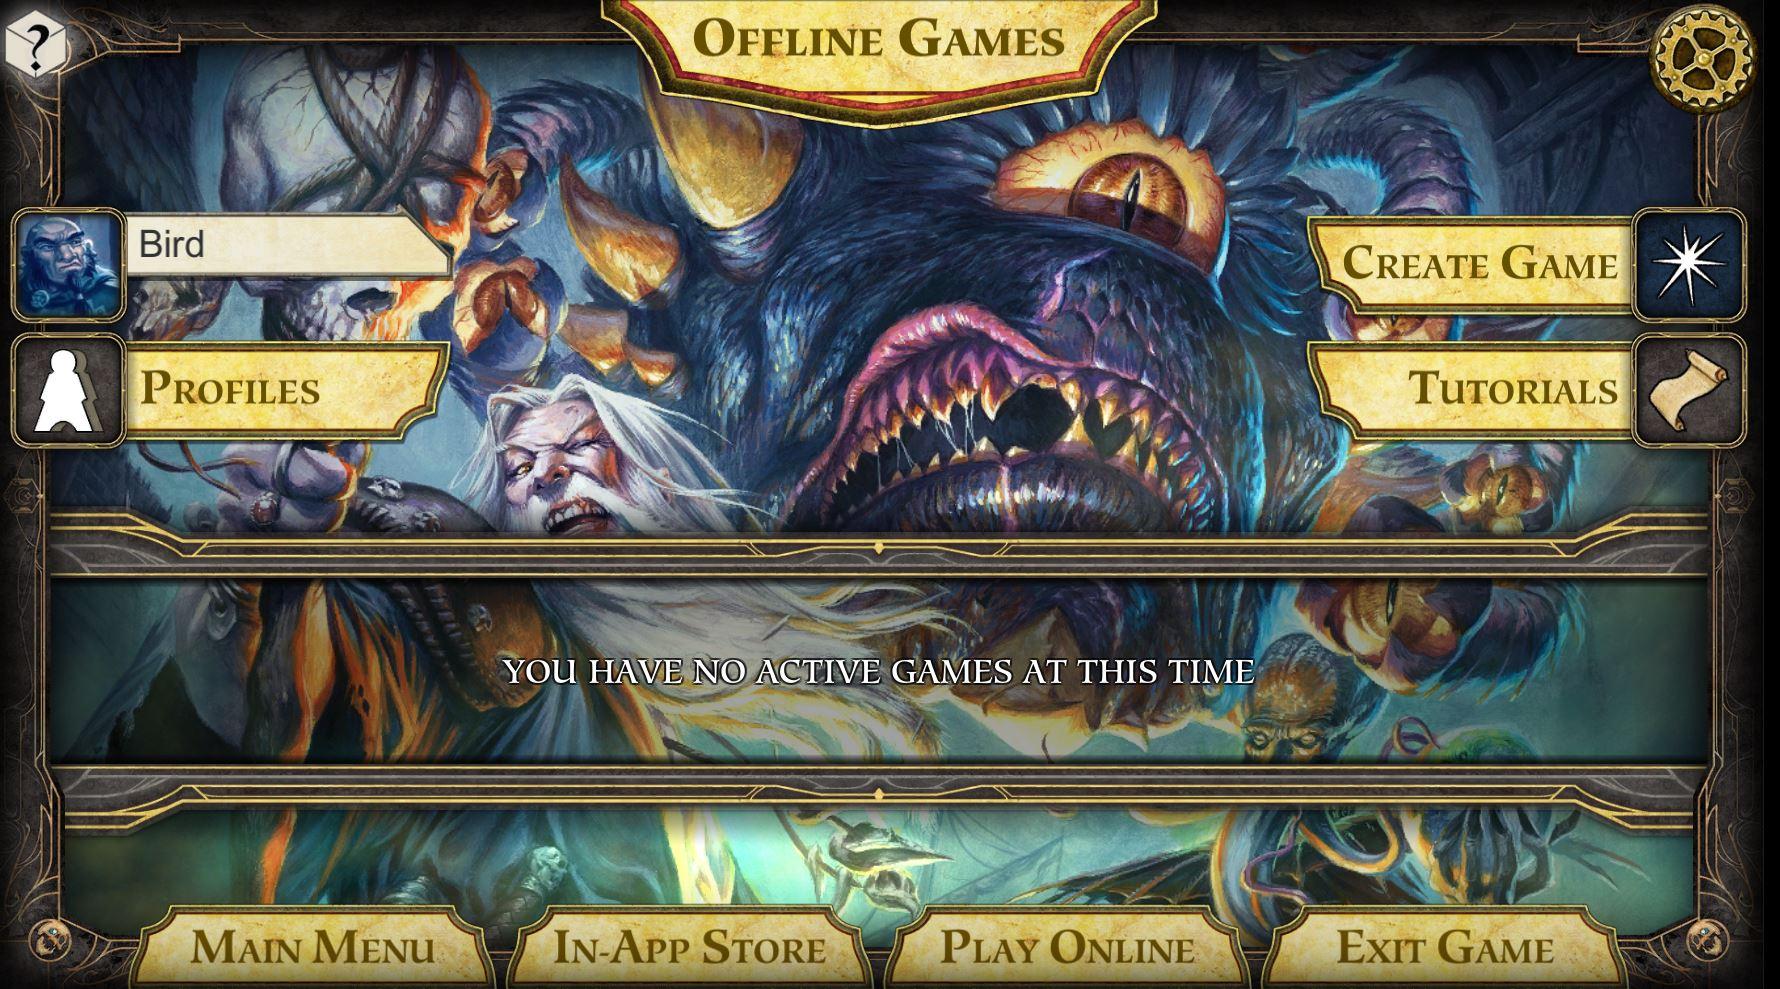 Lords of Waterdeep is my favorite board game.